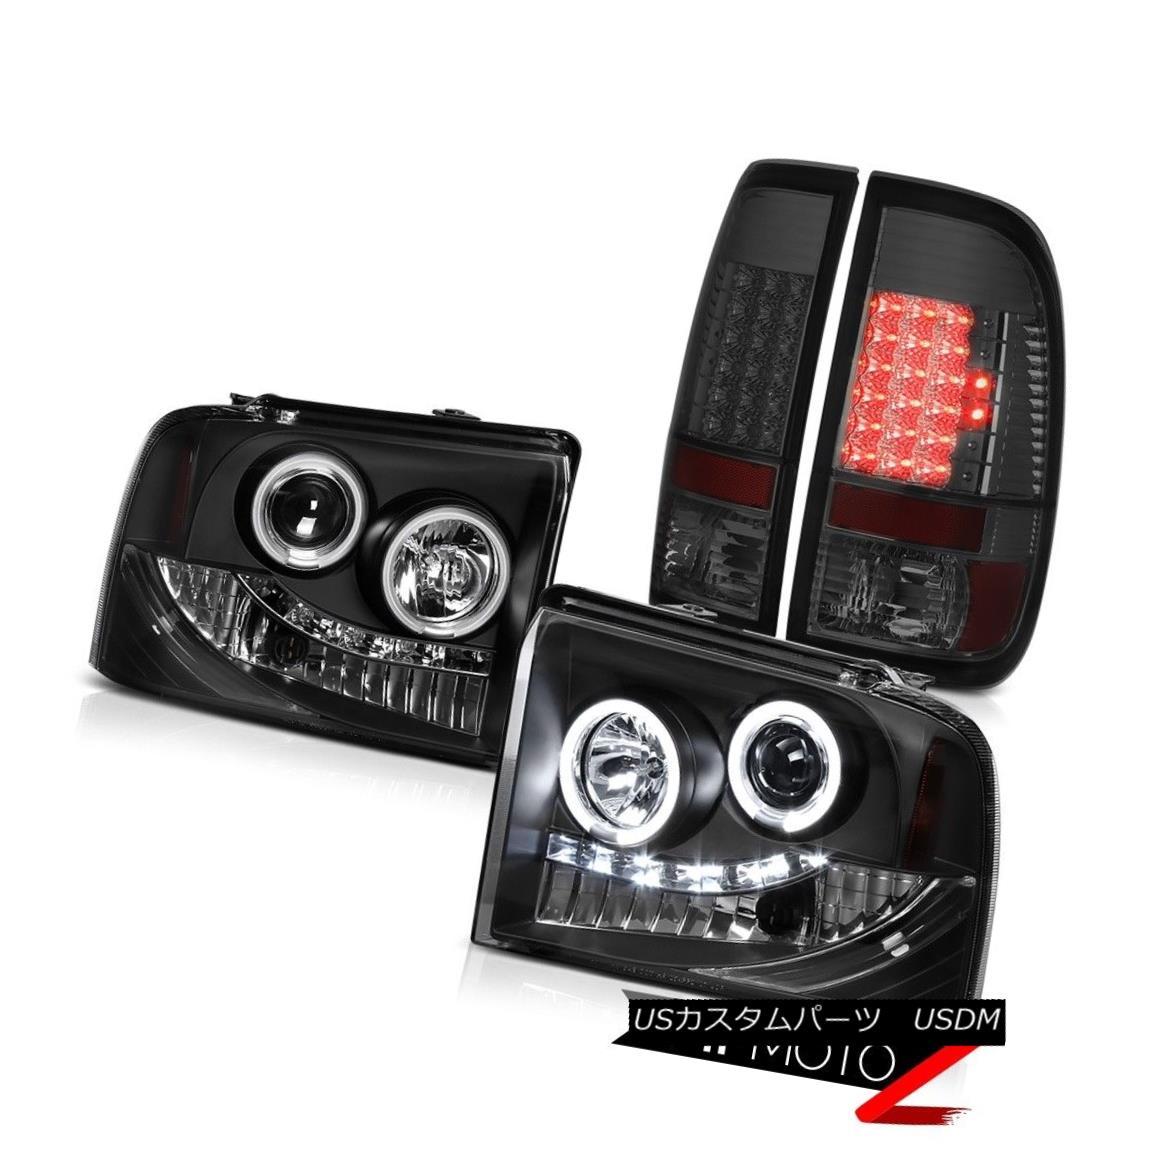 テールライト Brightest CCFL Halo Headlights Signal Parking Tail Lights 2005-2007 Ford F350 SD 最も明るいCCFLハローヘッドライト信号駐車場テールライト2005-2007 Ford F350 SD